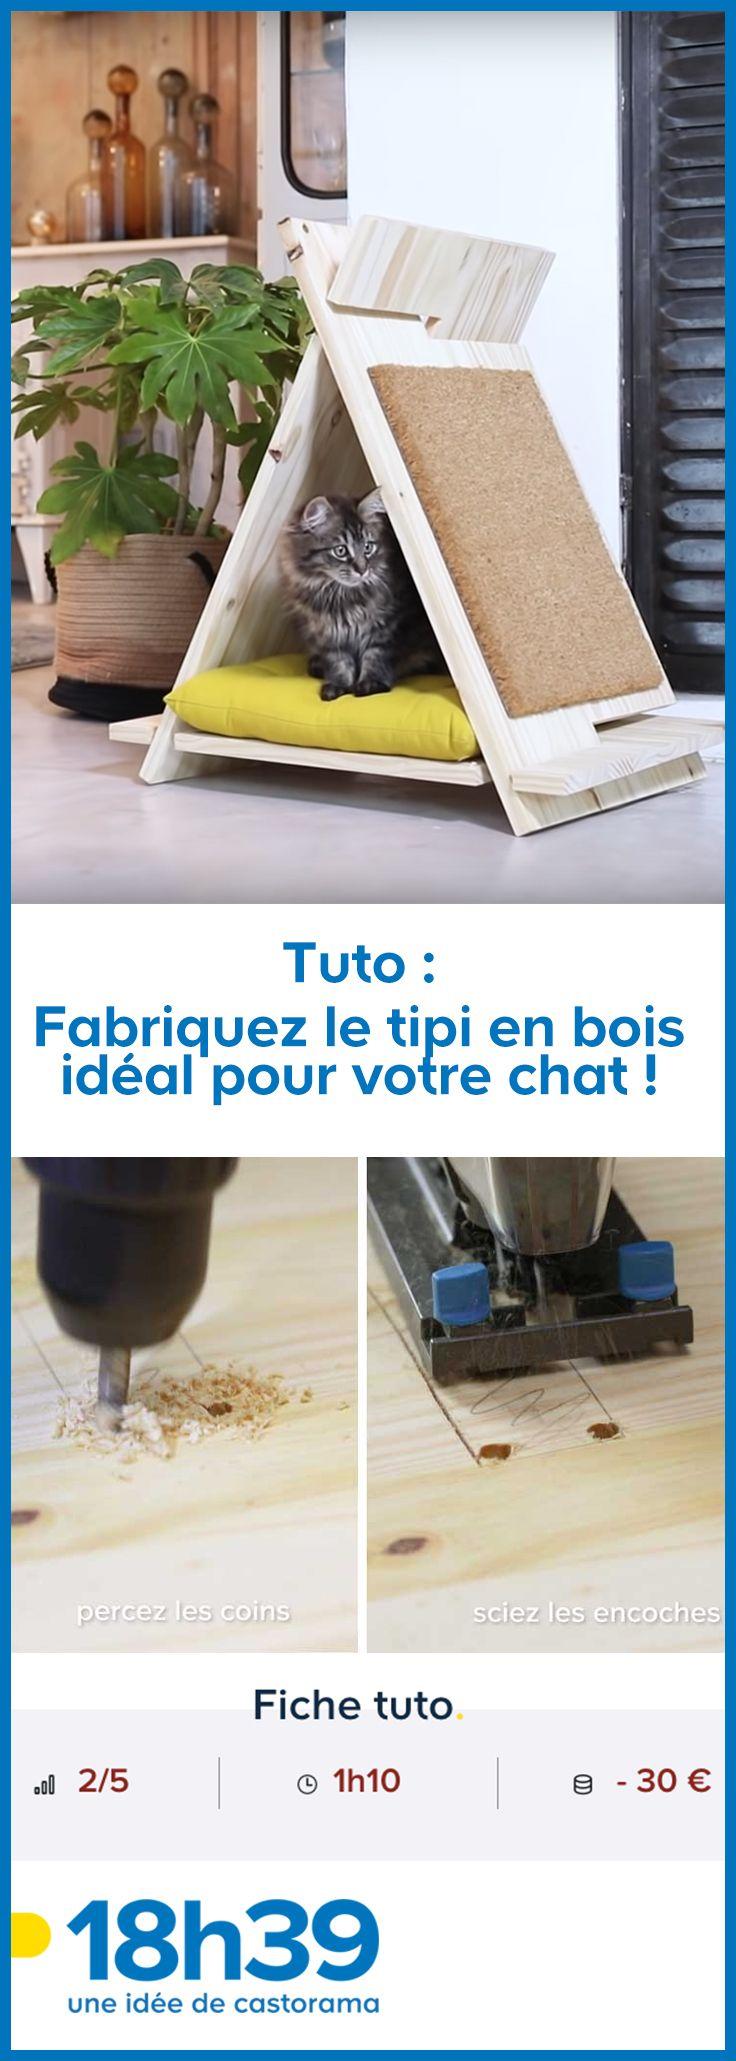 Photo of Tuto : Fabriquez le tipi en bois idéal pour votre chat !